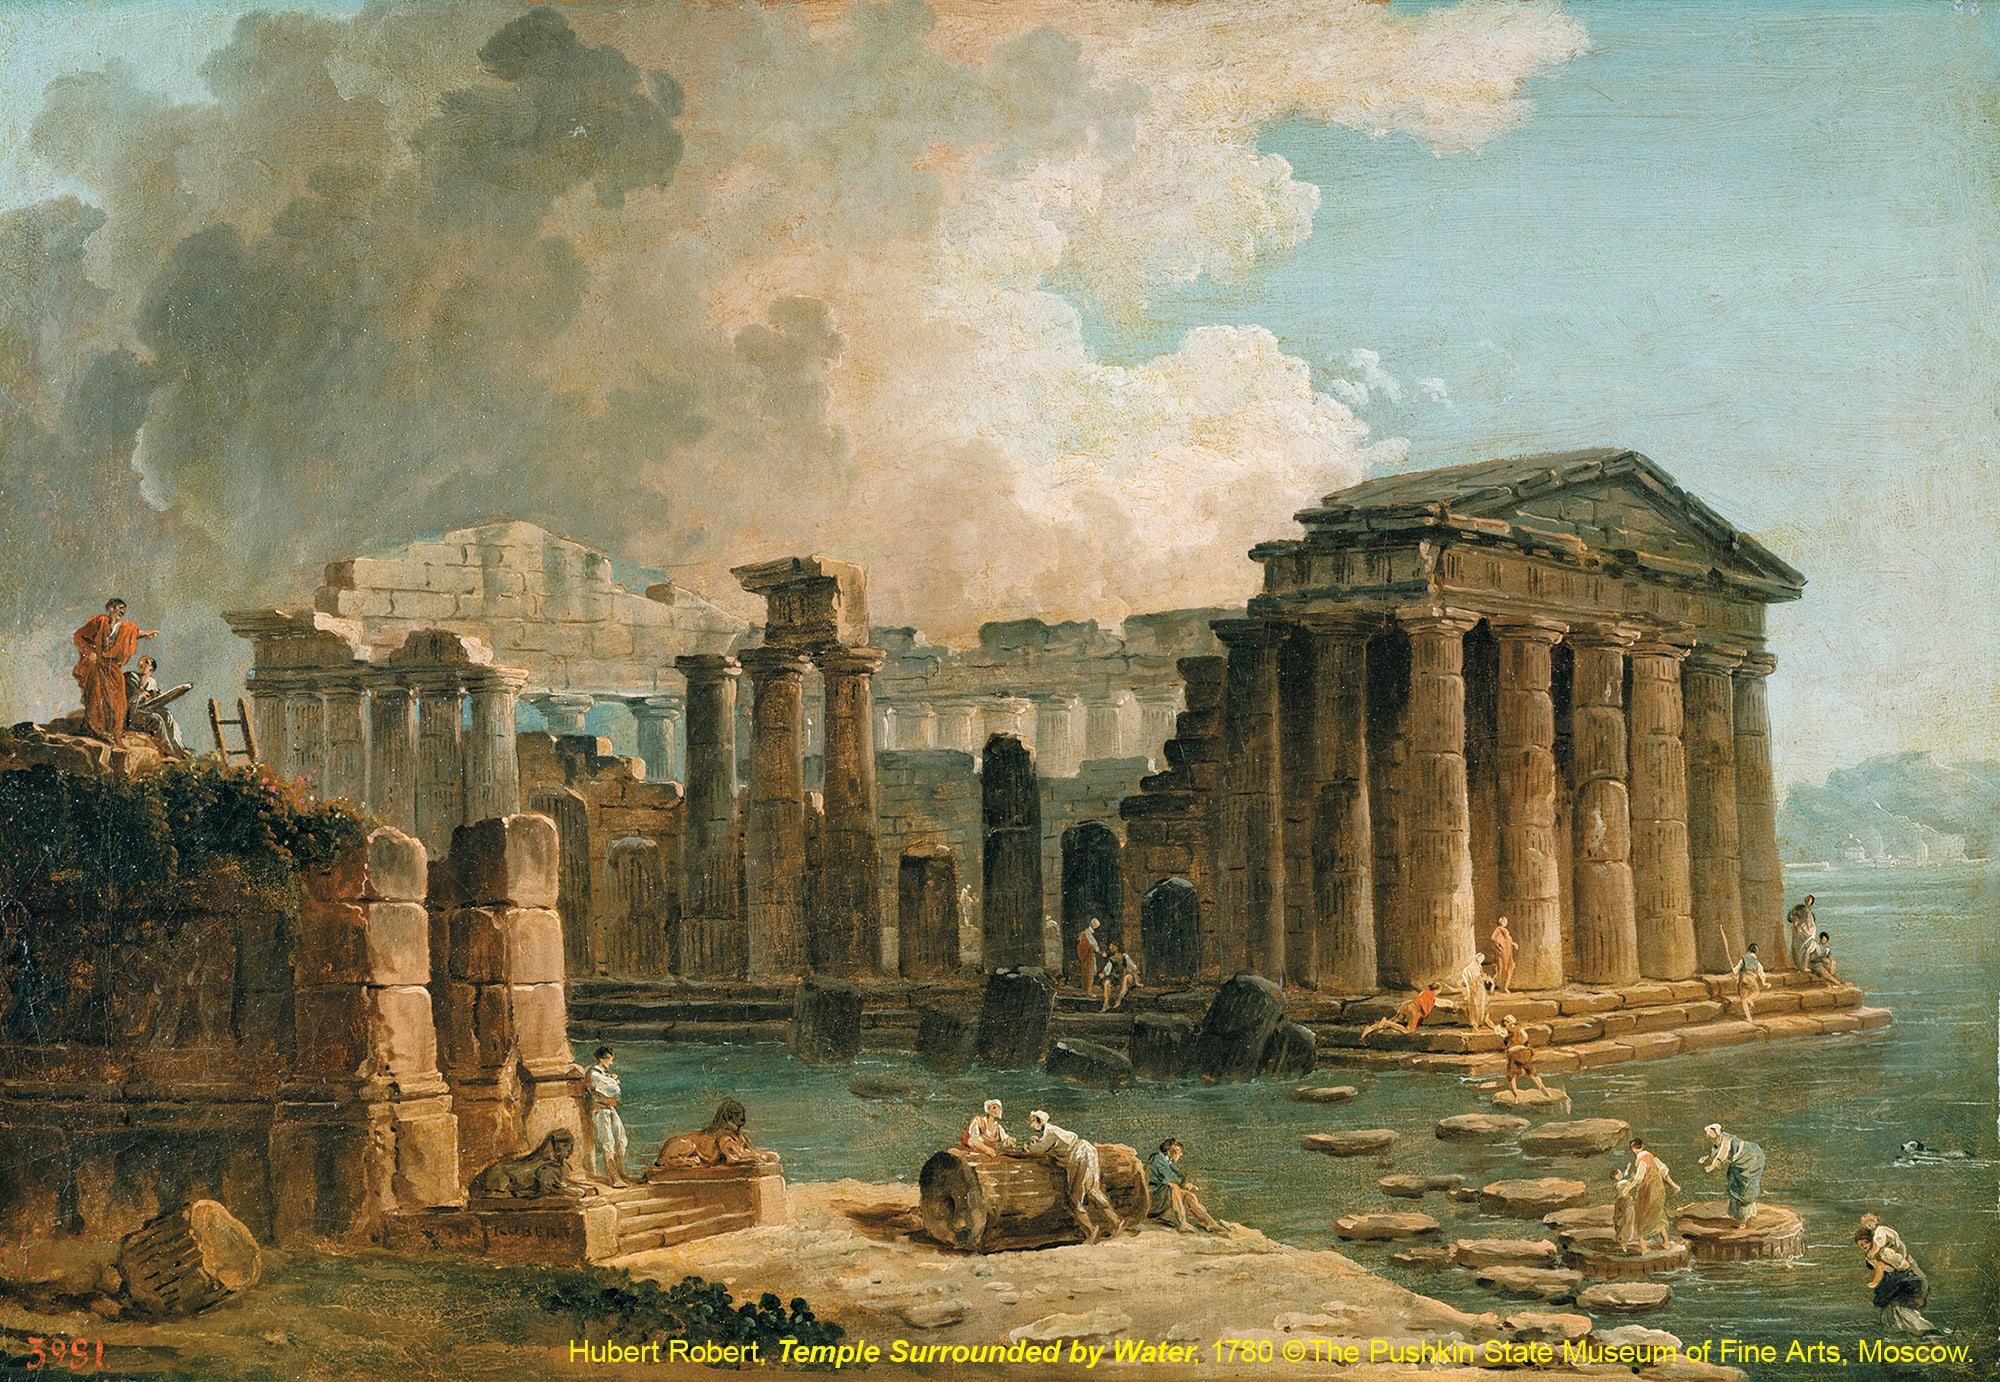 台北展覽俄羅斯普希金博物館特展,被水環繞的神殿Temple Surrounded by Water / 于貝·霍貝Hubert Robert / 1780s